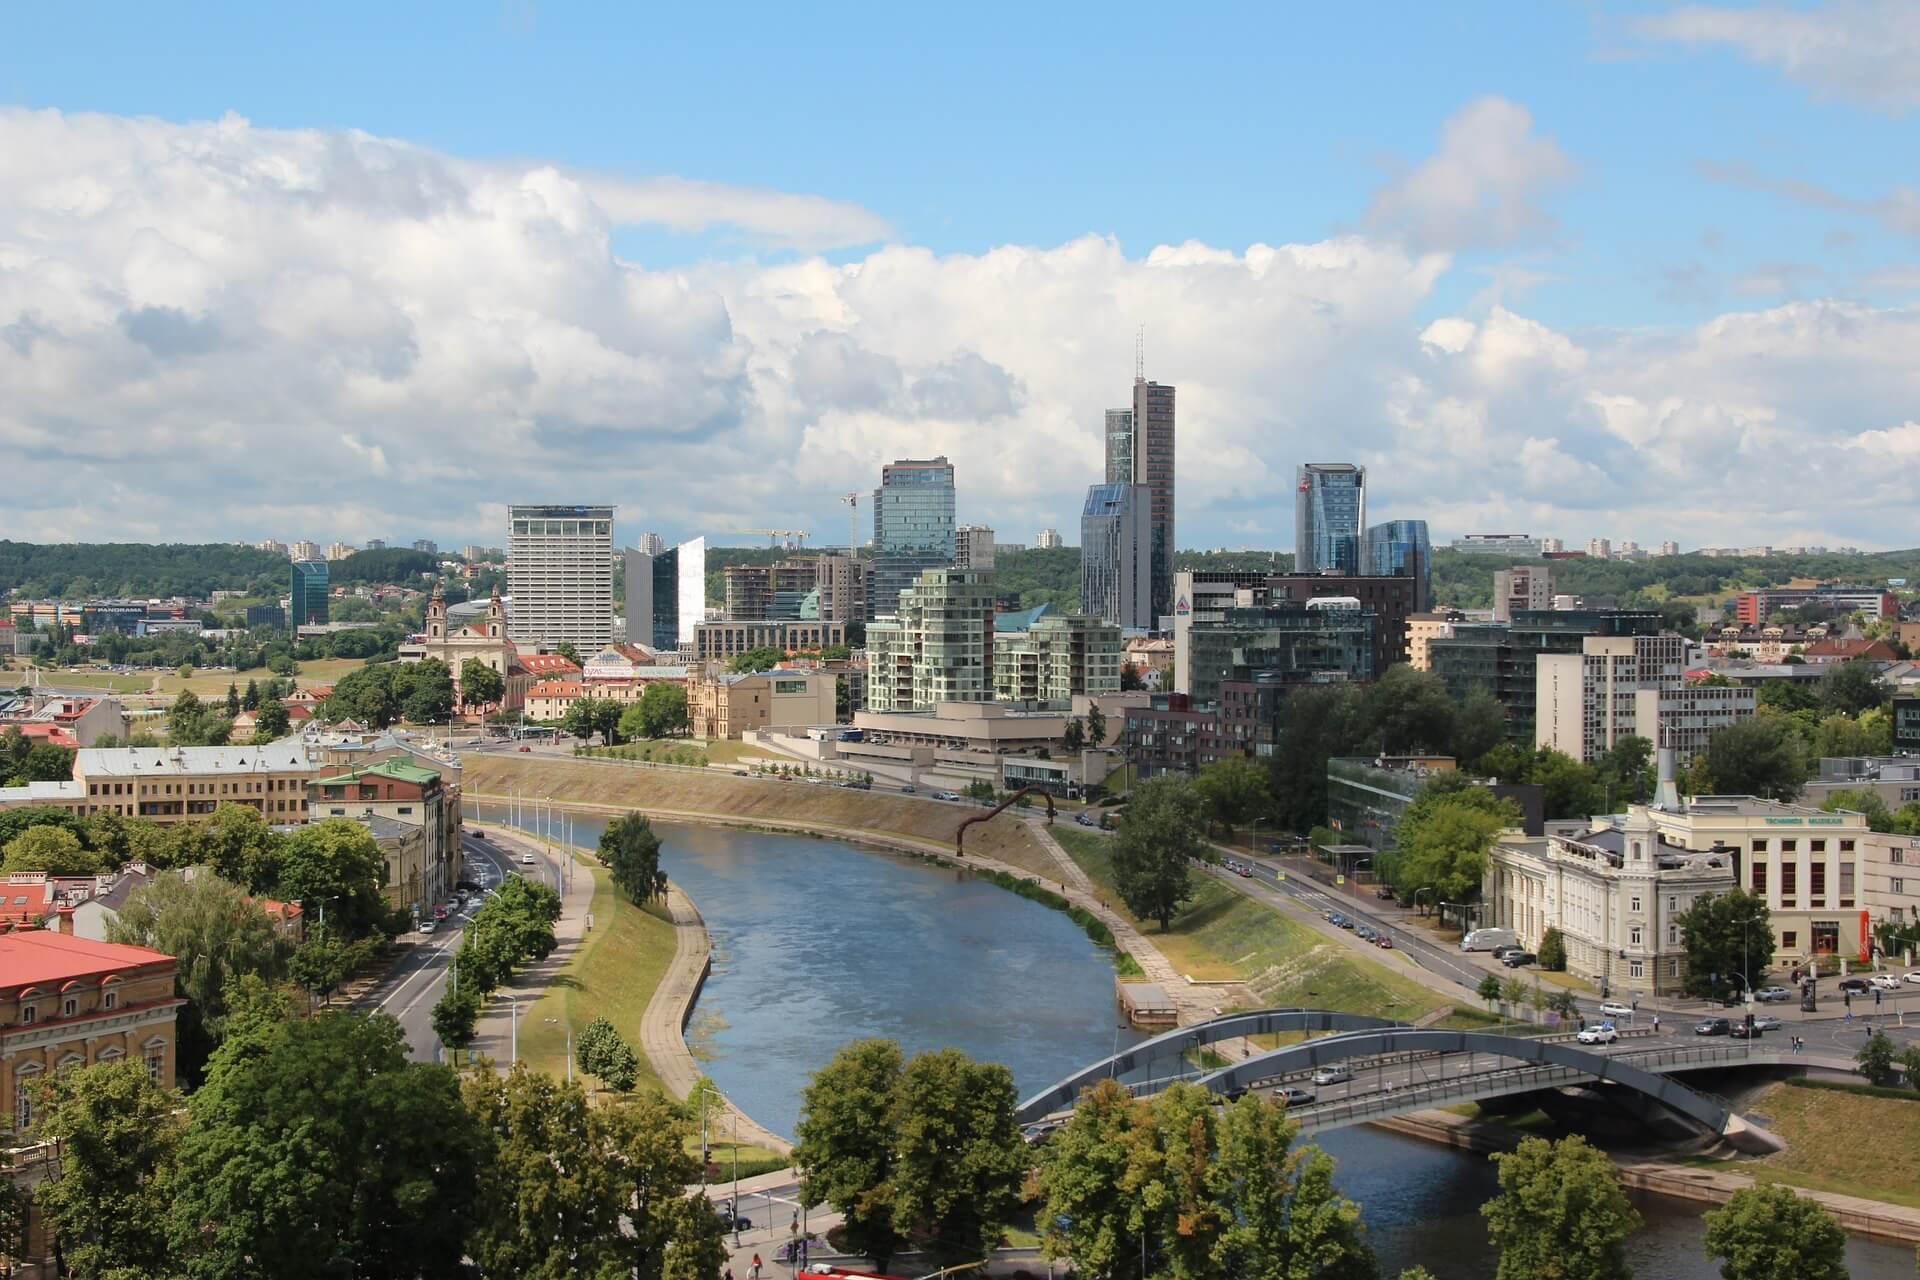 Direktflüge und Billigflüge ab Dortmund nach Vilnius